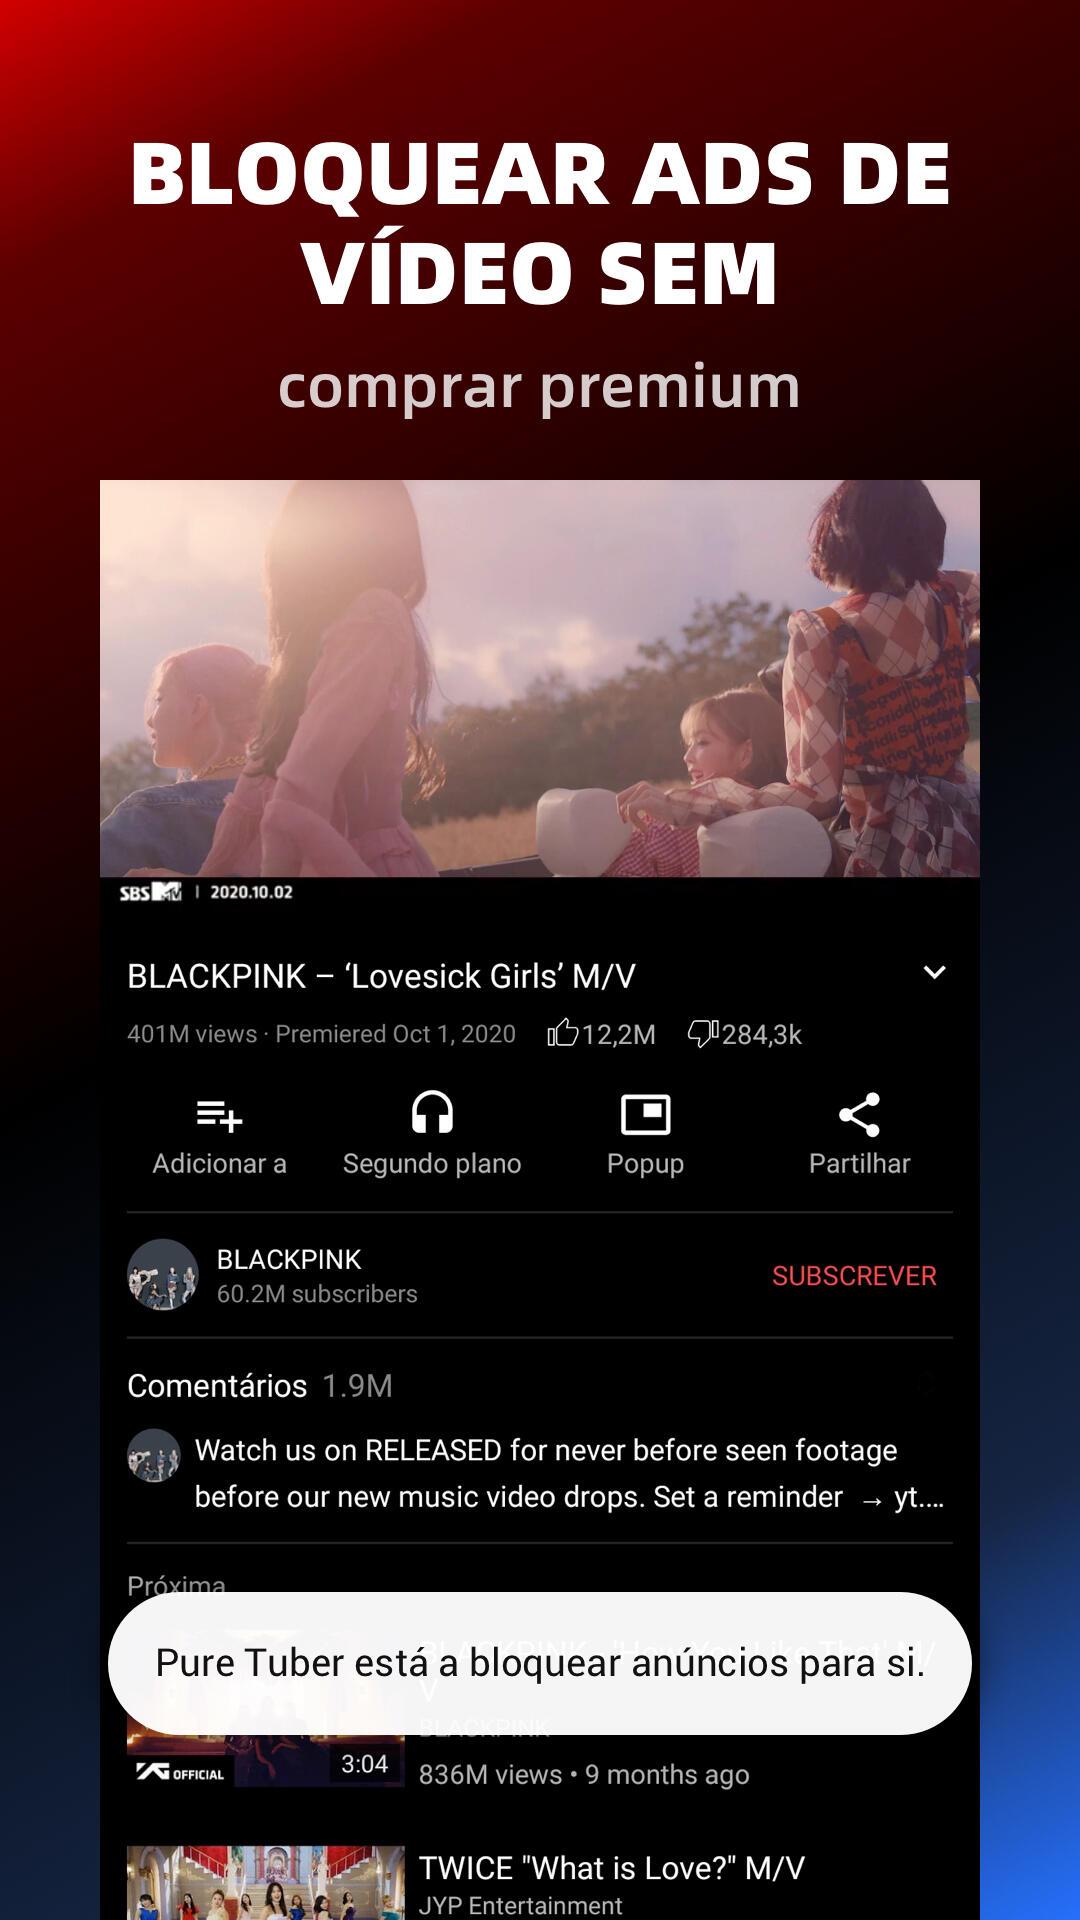 Pure Tuber- Ads de vídeo em bloco, Prêmio Gratuito screenshot 2